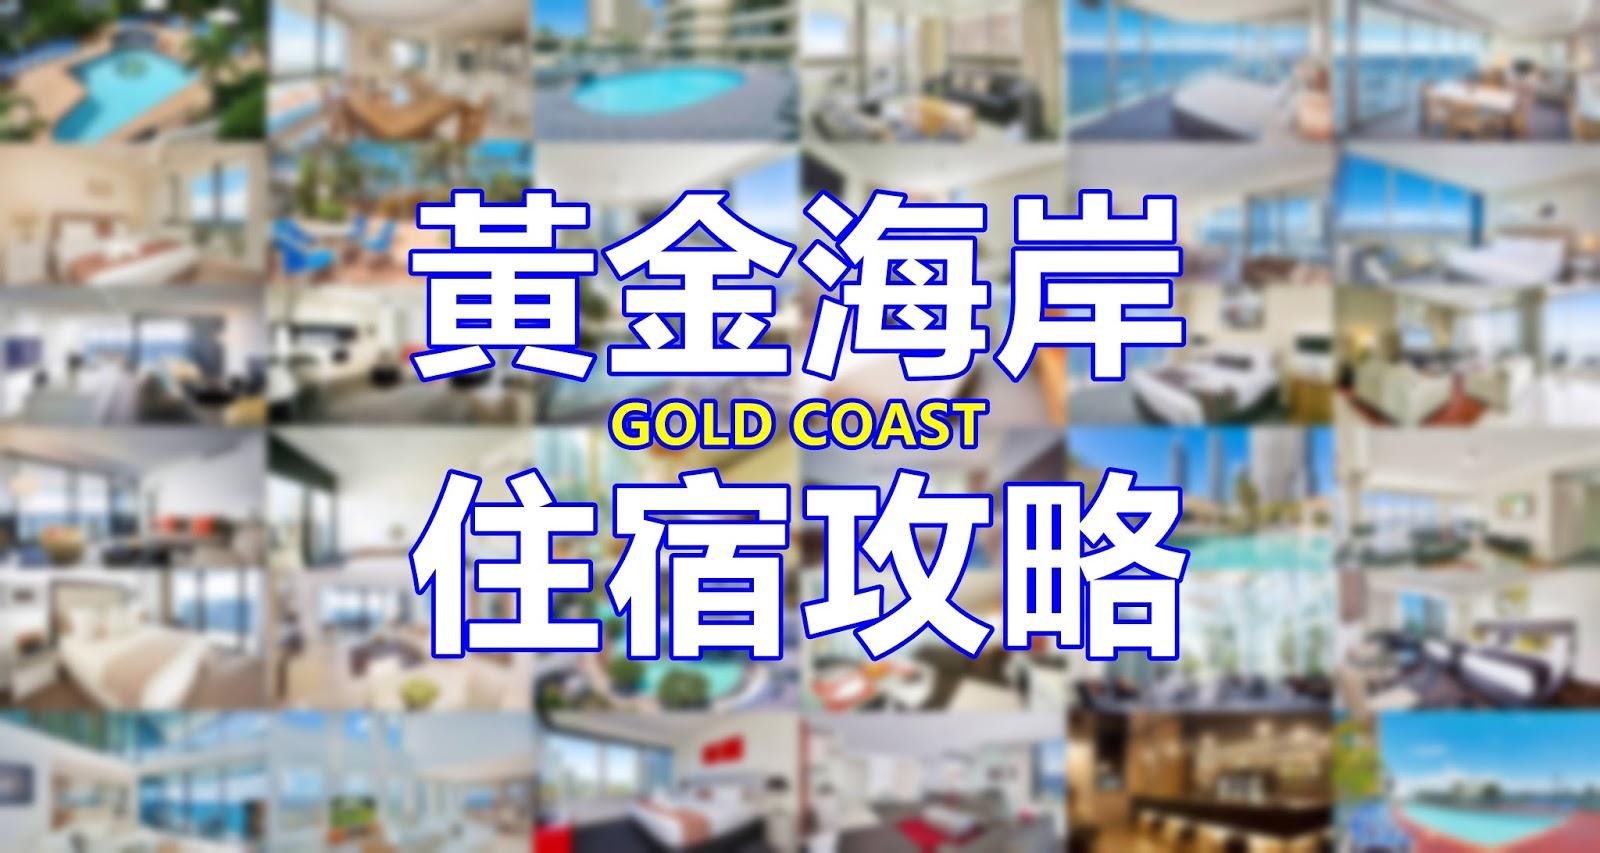 黃金海岸-住宿-推薦-飯店-酒店-旅館-民宿-公寓-旅遊-澳洲-Gold-Coast-Hotel-Apartment-Australia